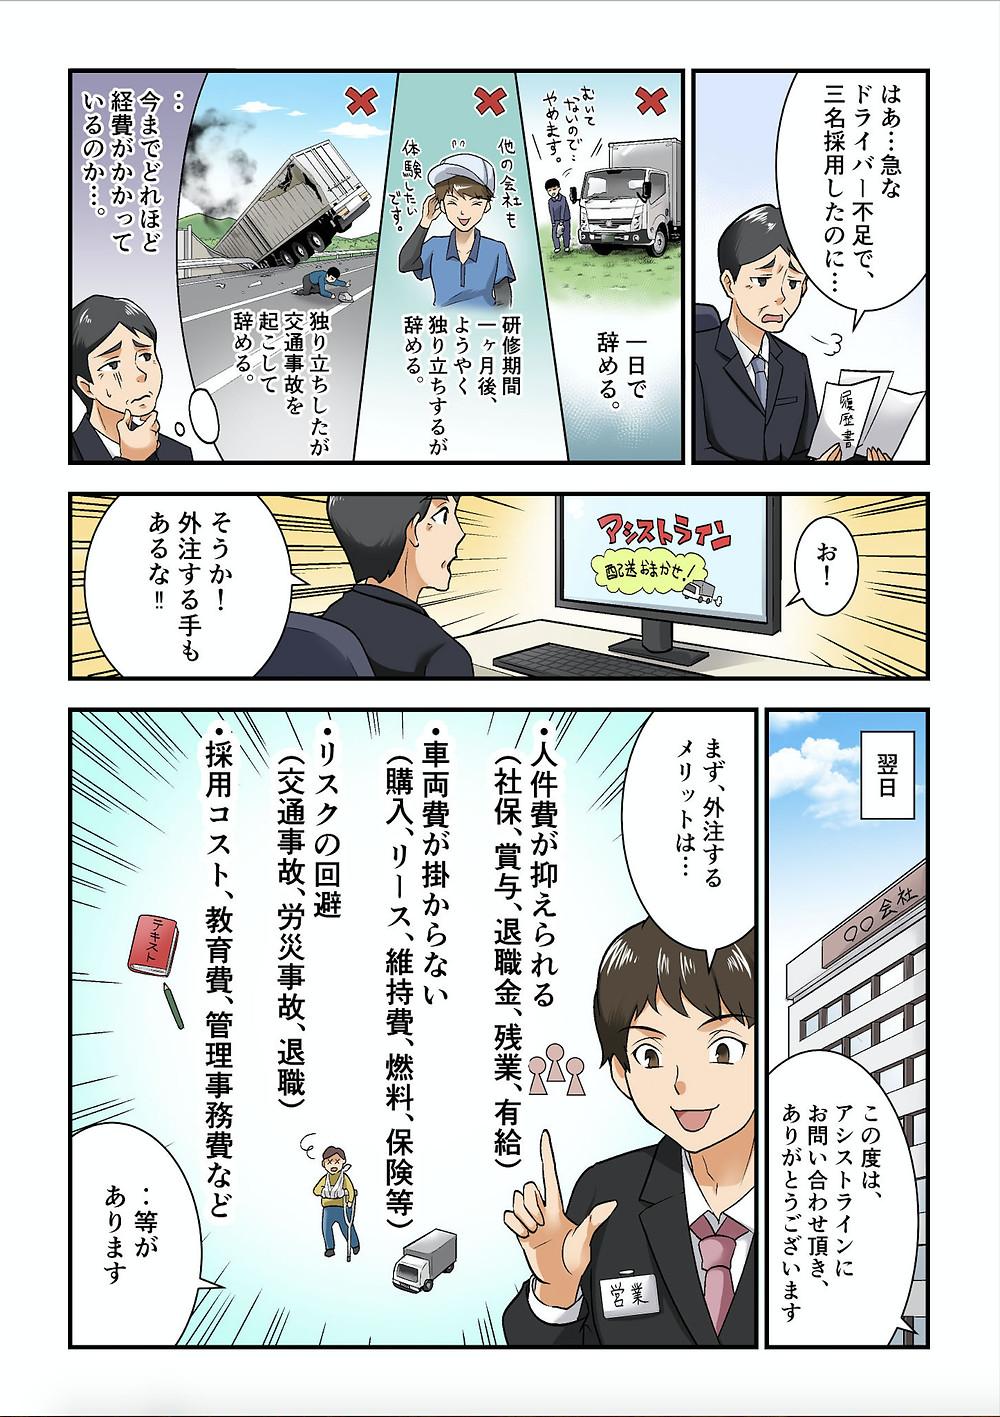 大阪軽貨物運送 外注